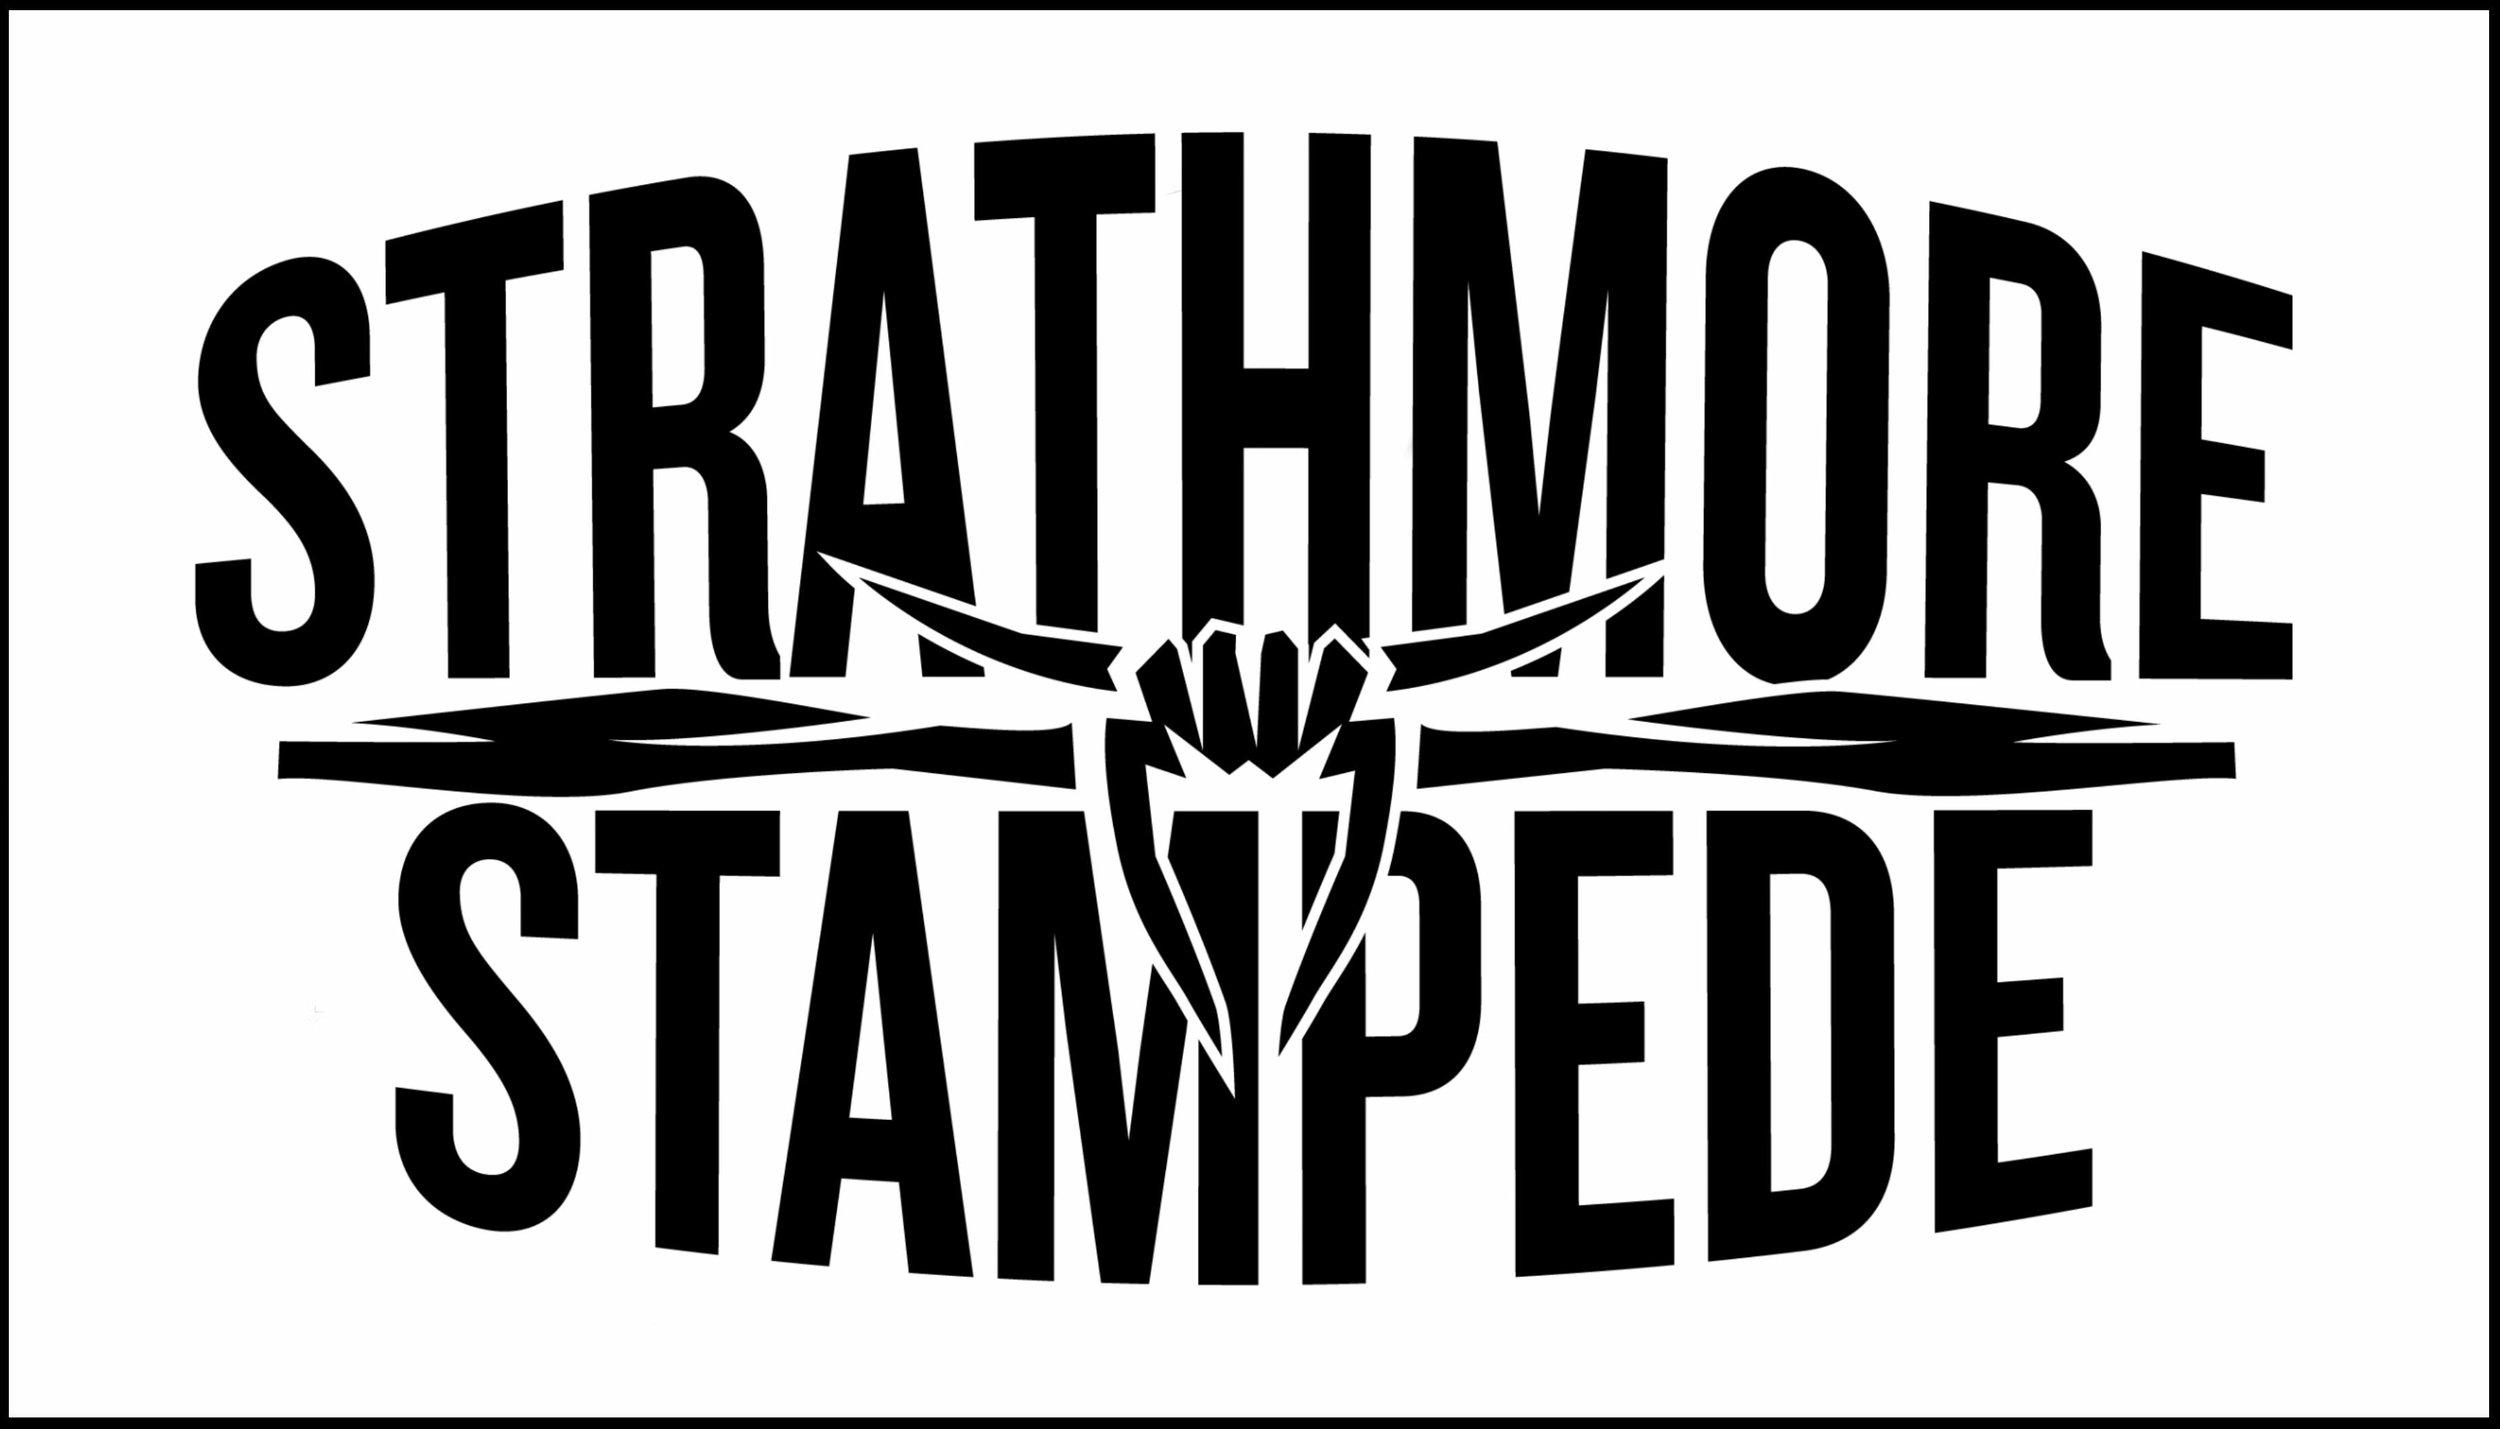 strathmore stampede.jpg